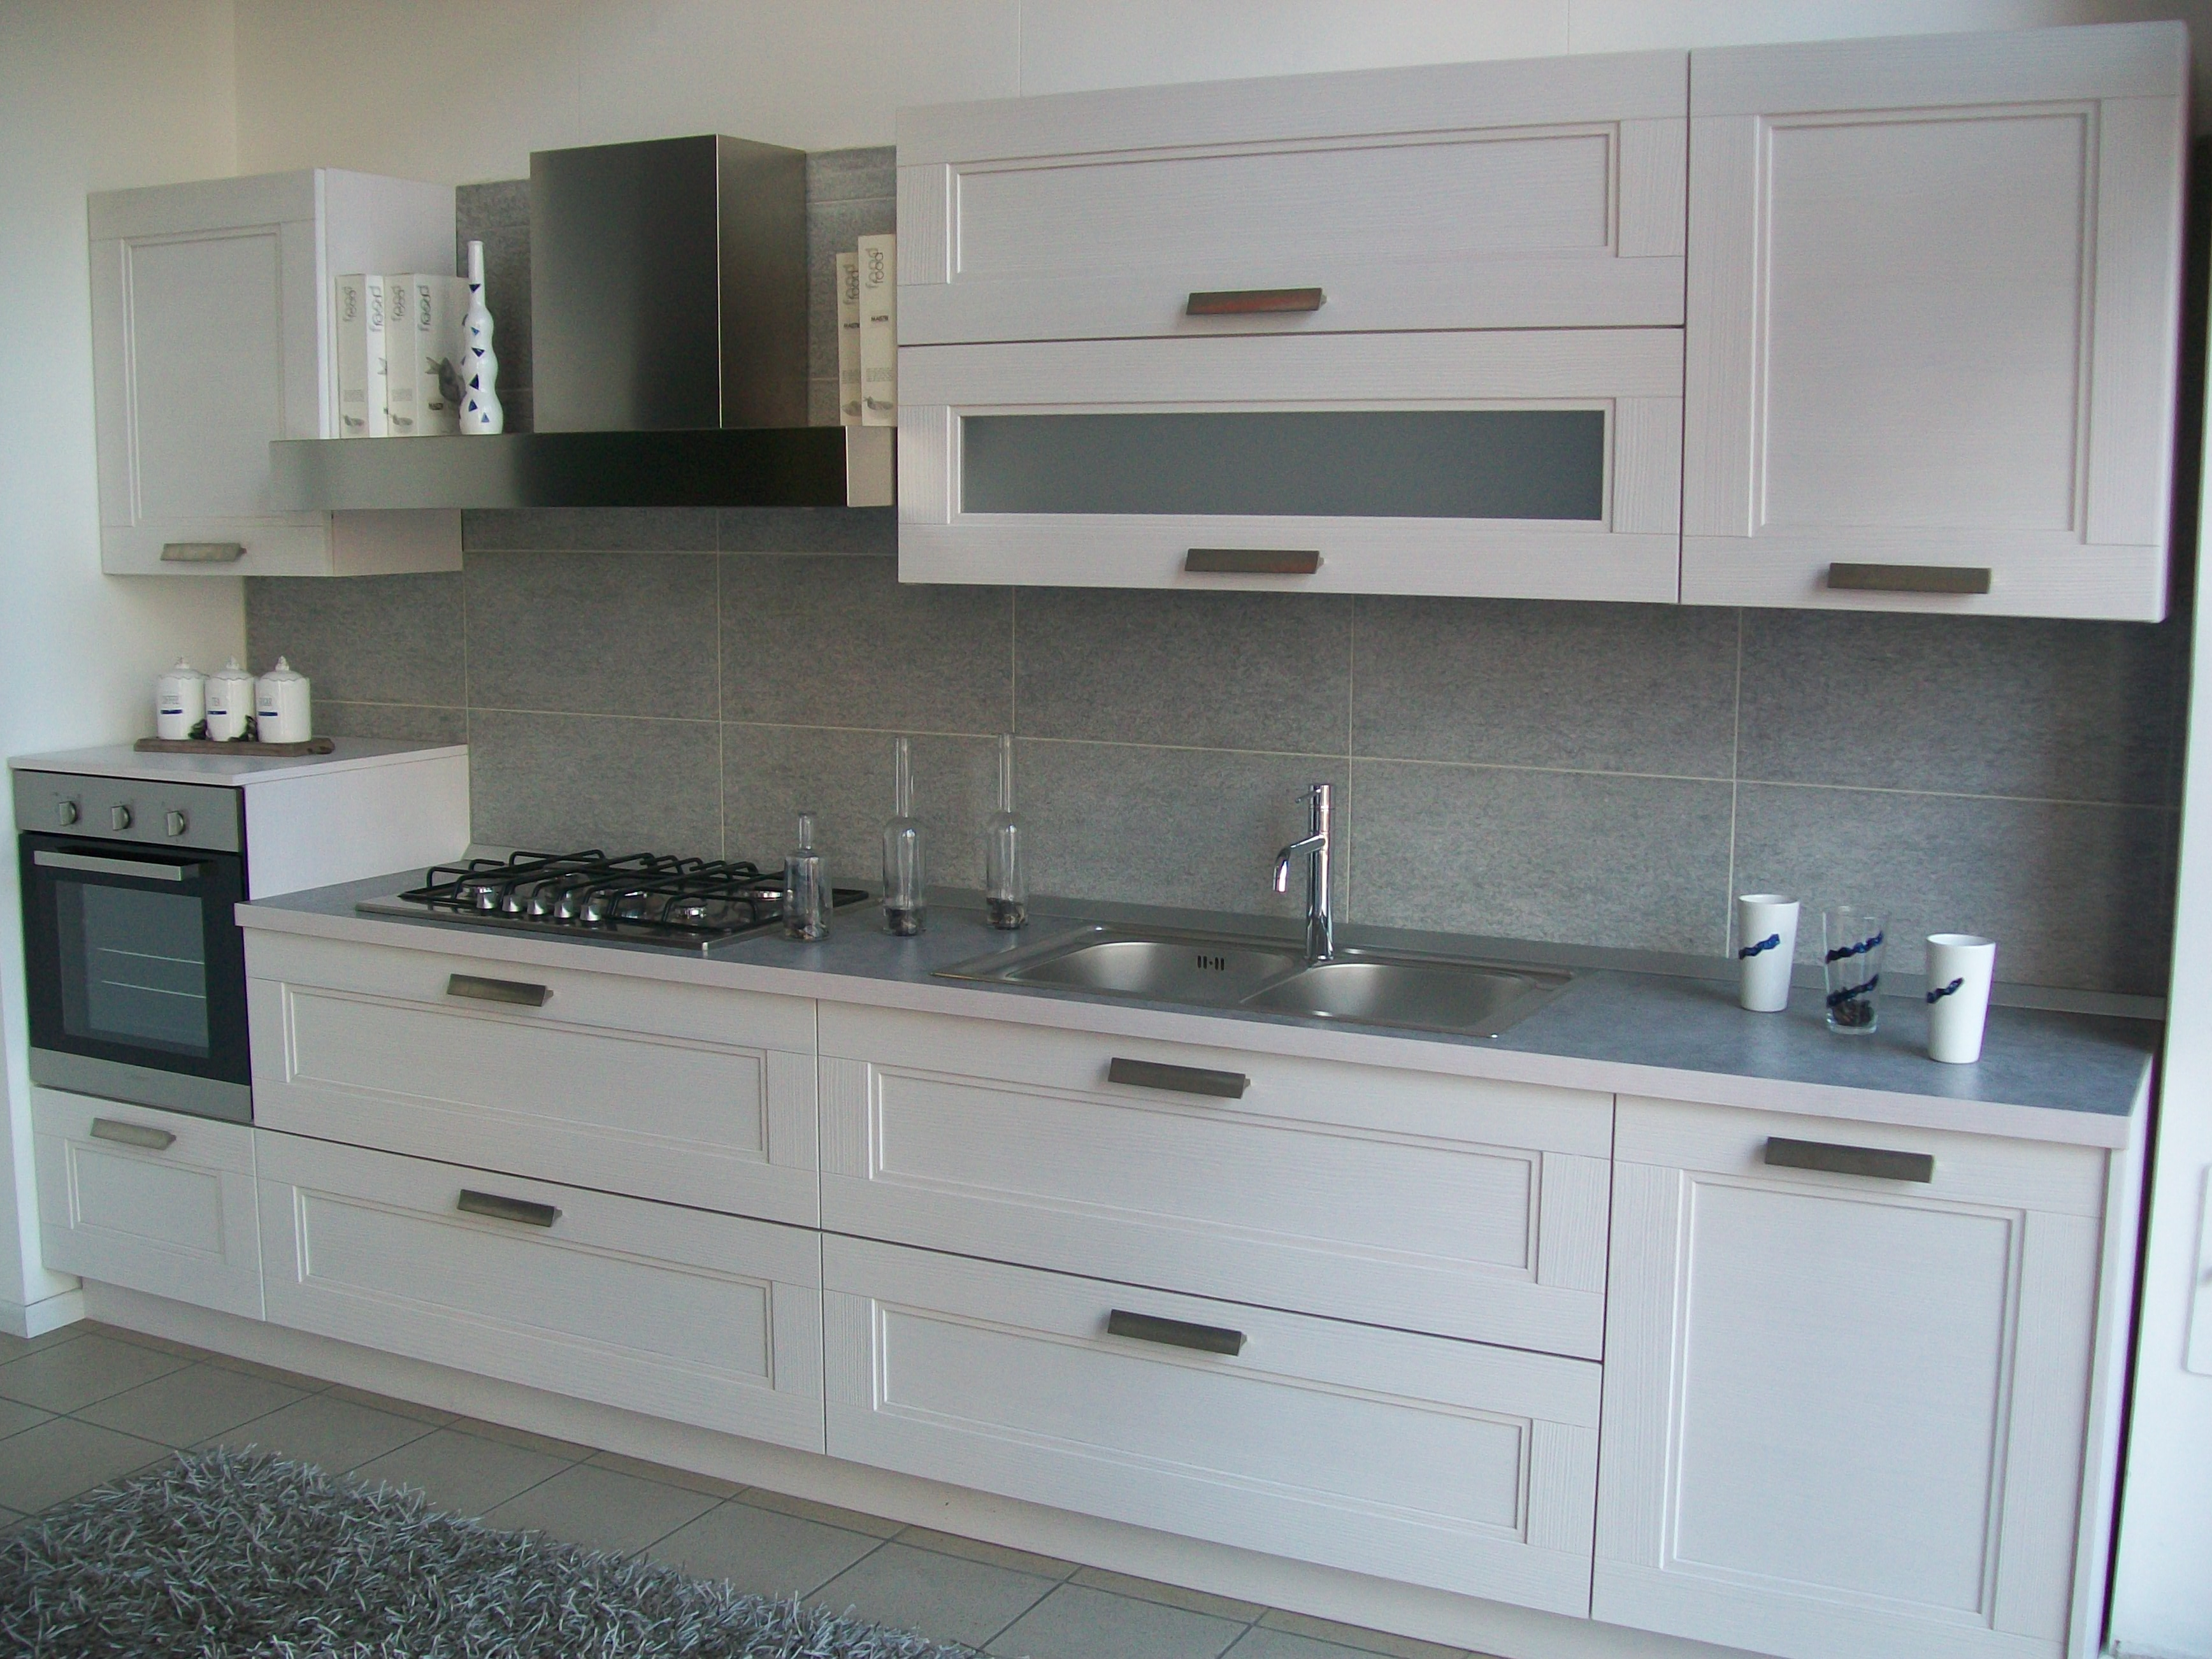 Cucine Moderne Bianche Laccate. Cucine Moderne Bianche E Nere Cucina ...